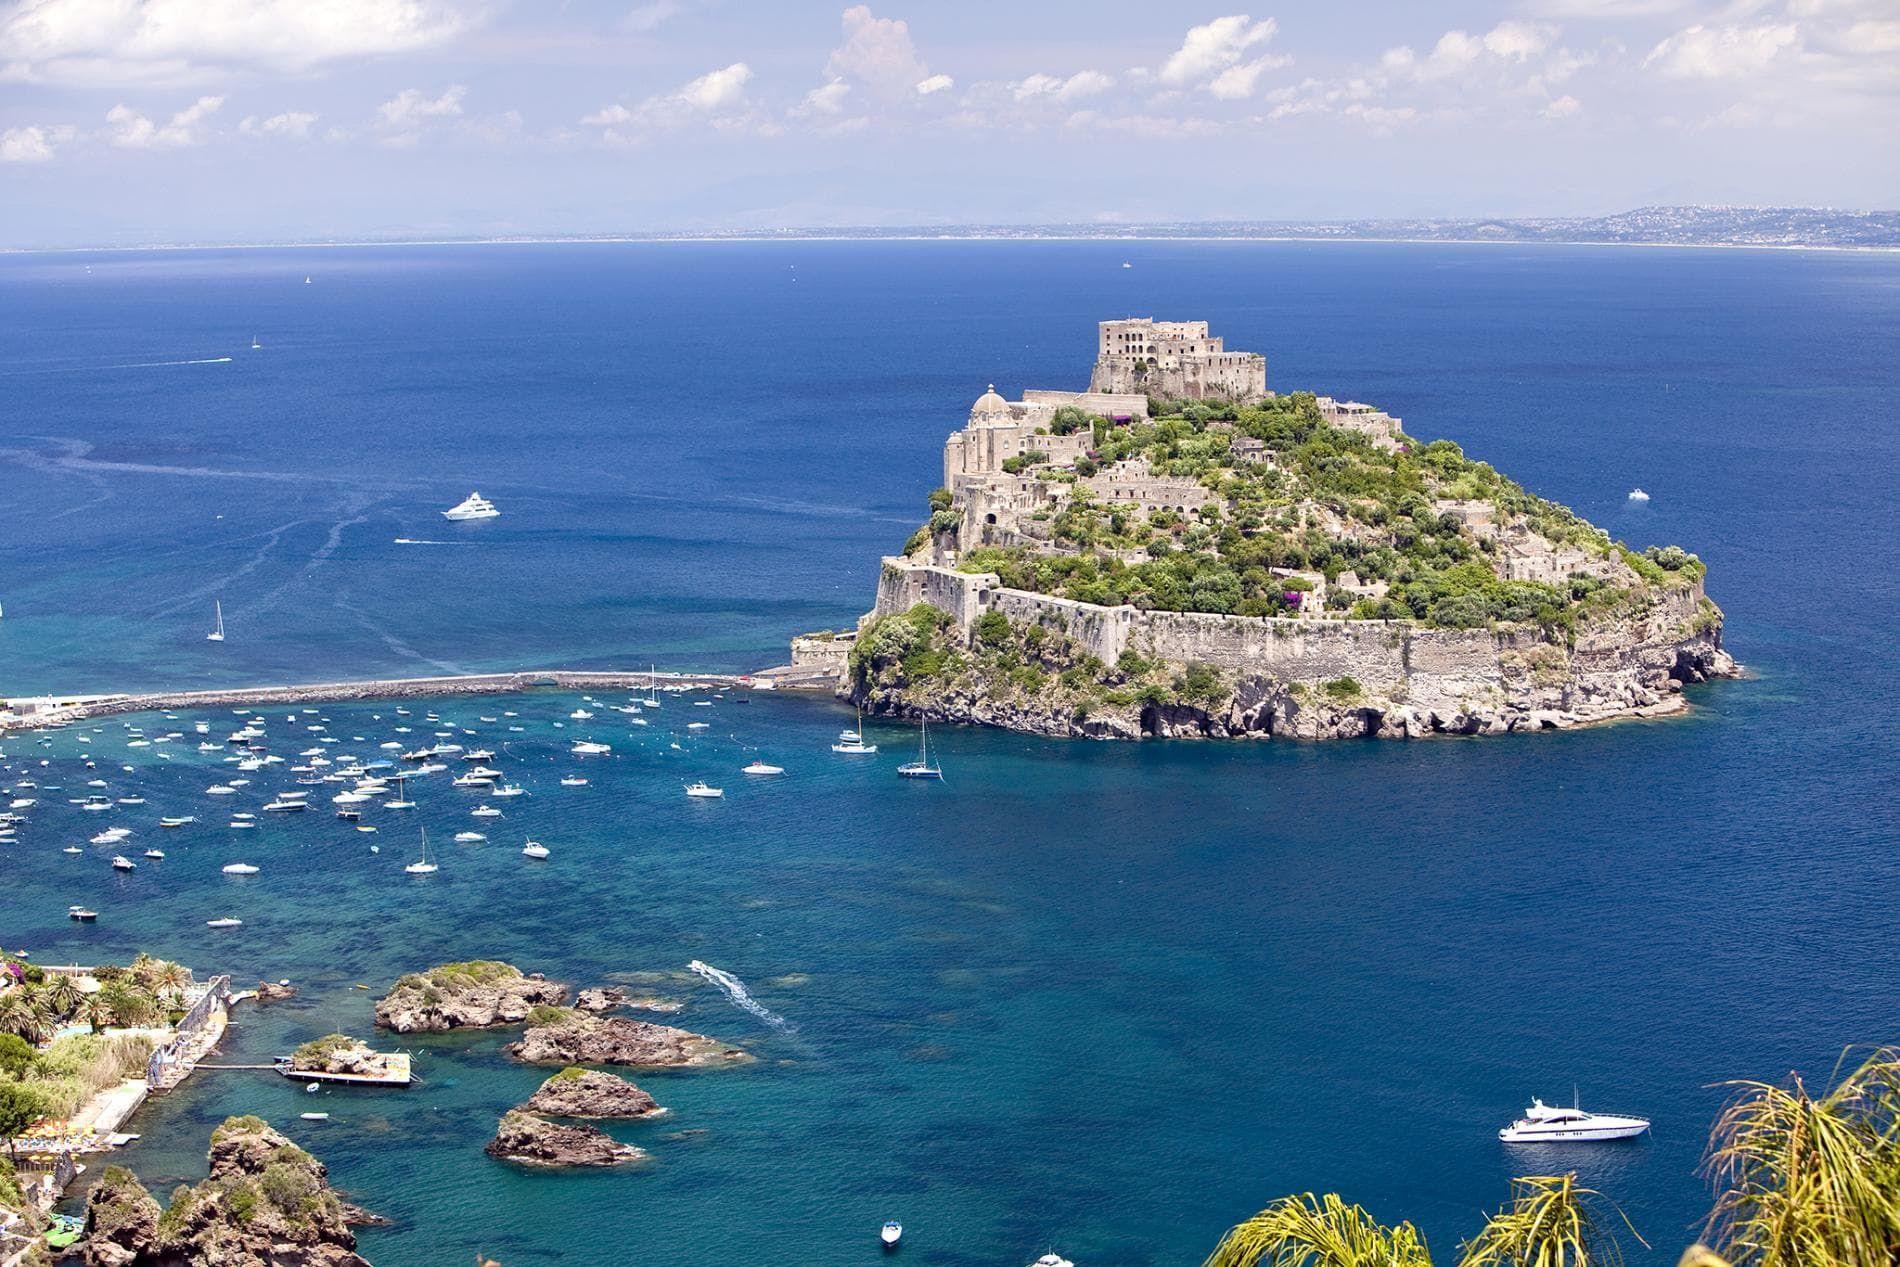 Ischia, l'île dont vous n'avez jamais entendu parler